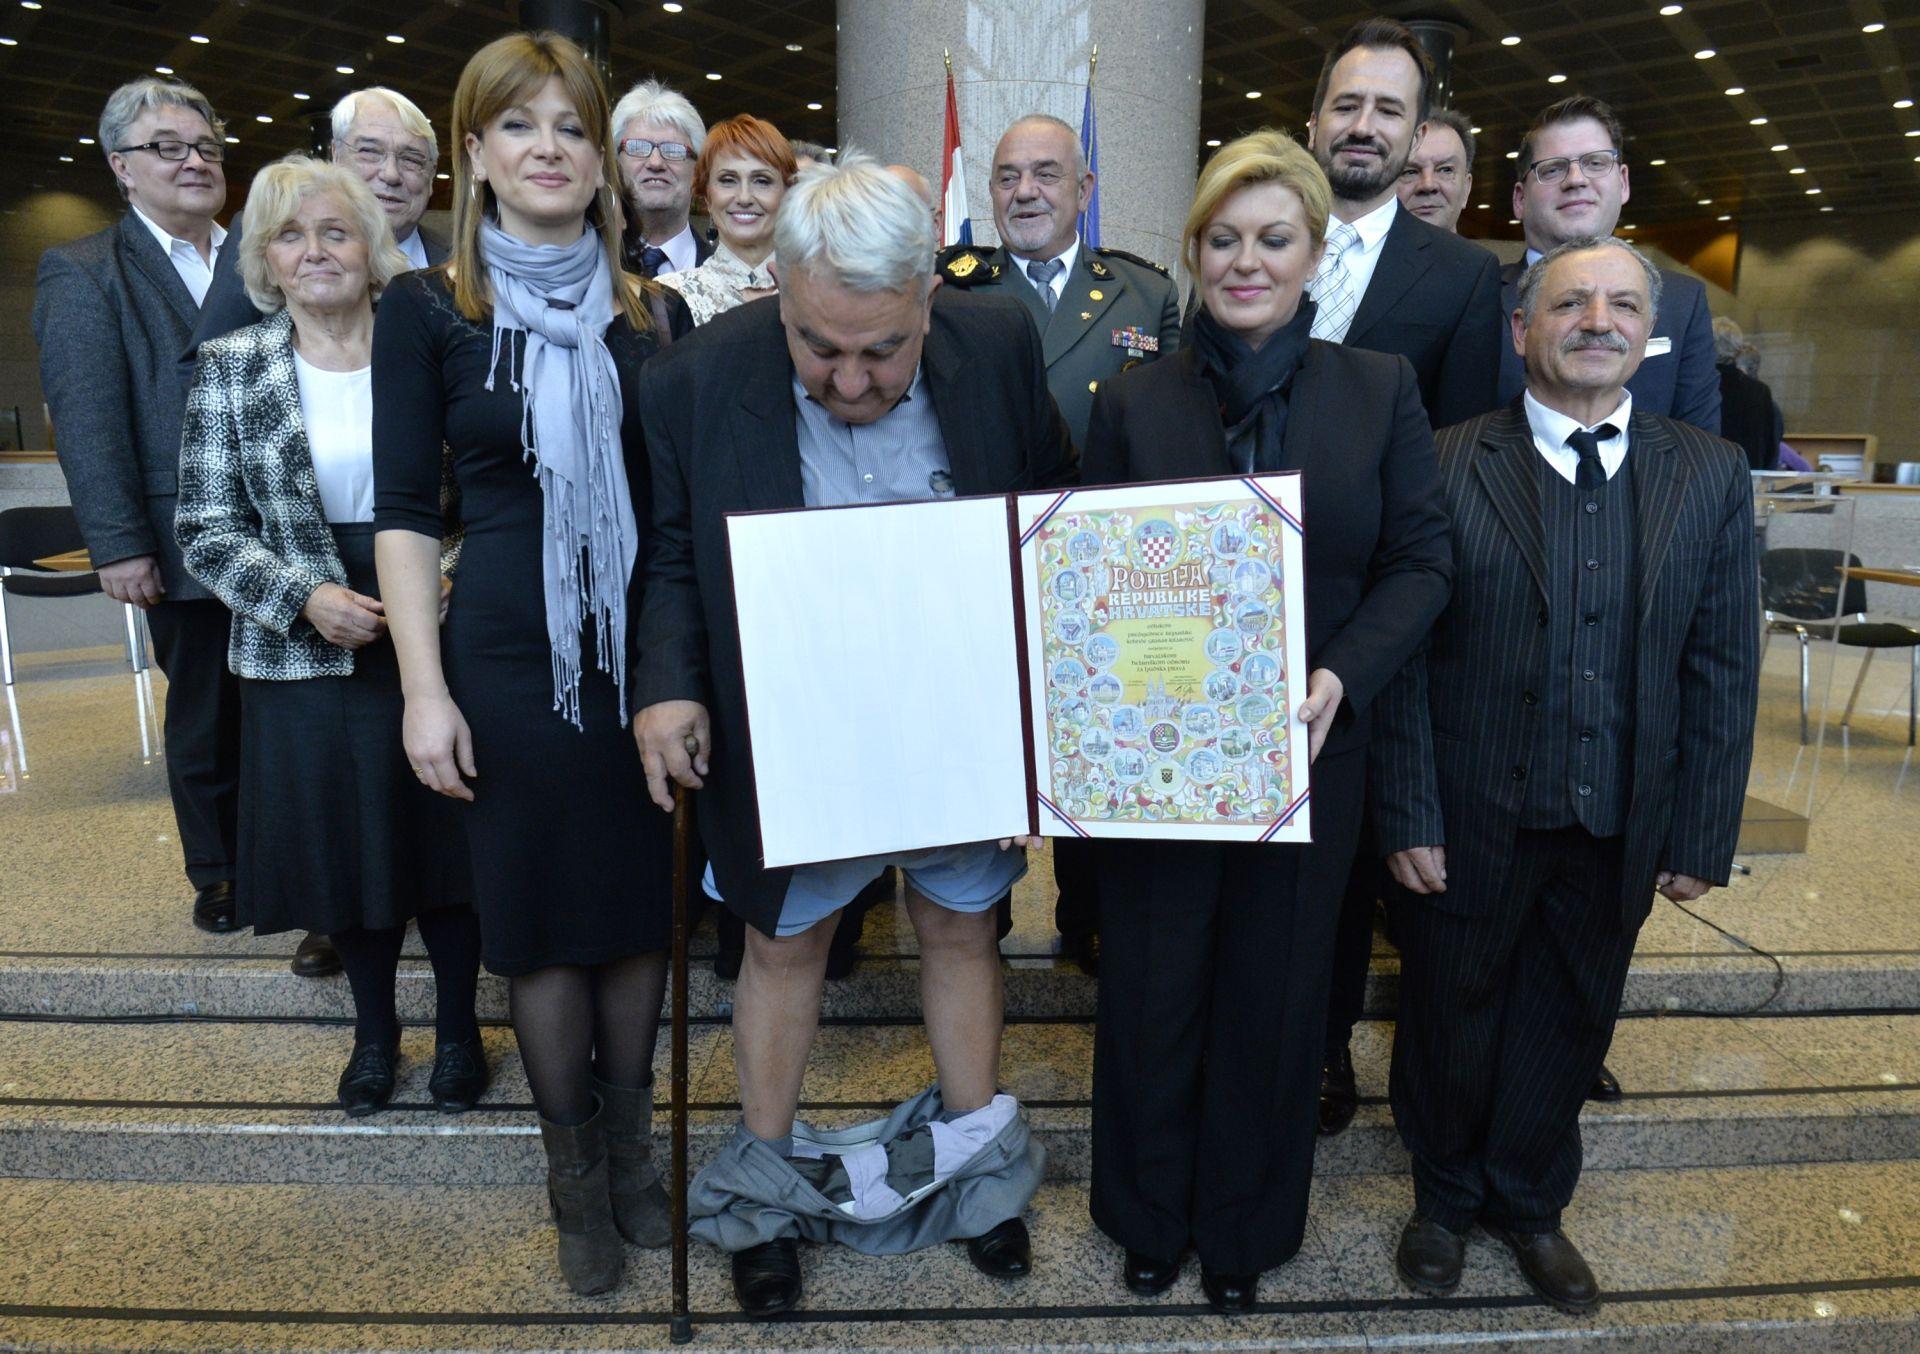 FOTO: NEZGODA PREDSJEDNIKA HHO-A Ivan Zvonimir Čičak usred fotografiranja s predsjednicom ostao bez – hlača